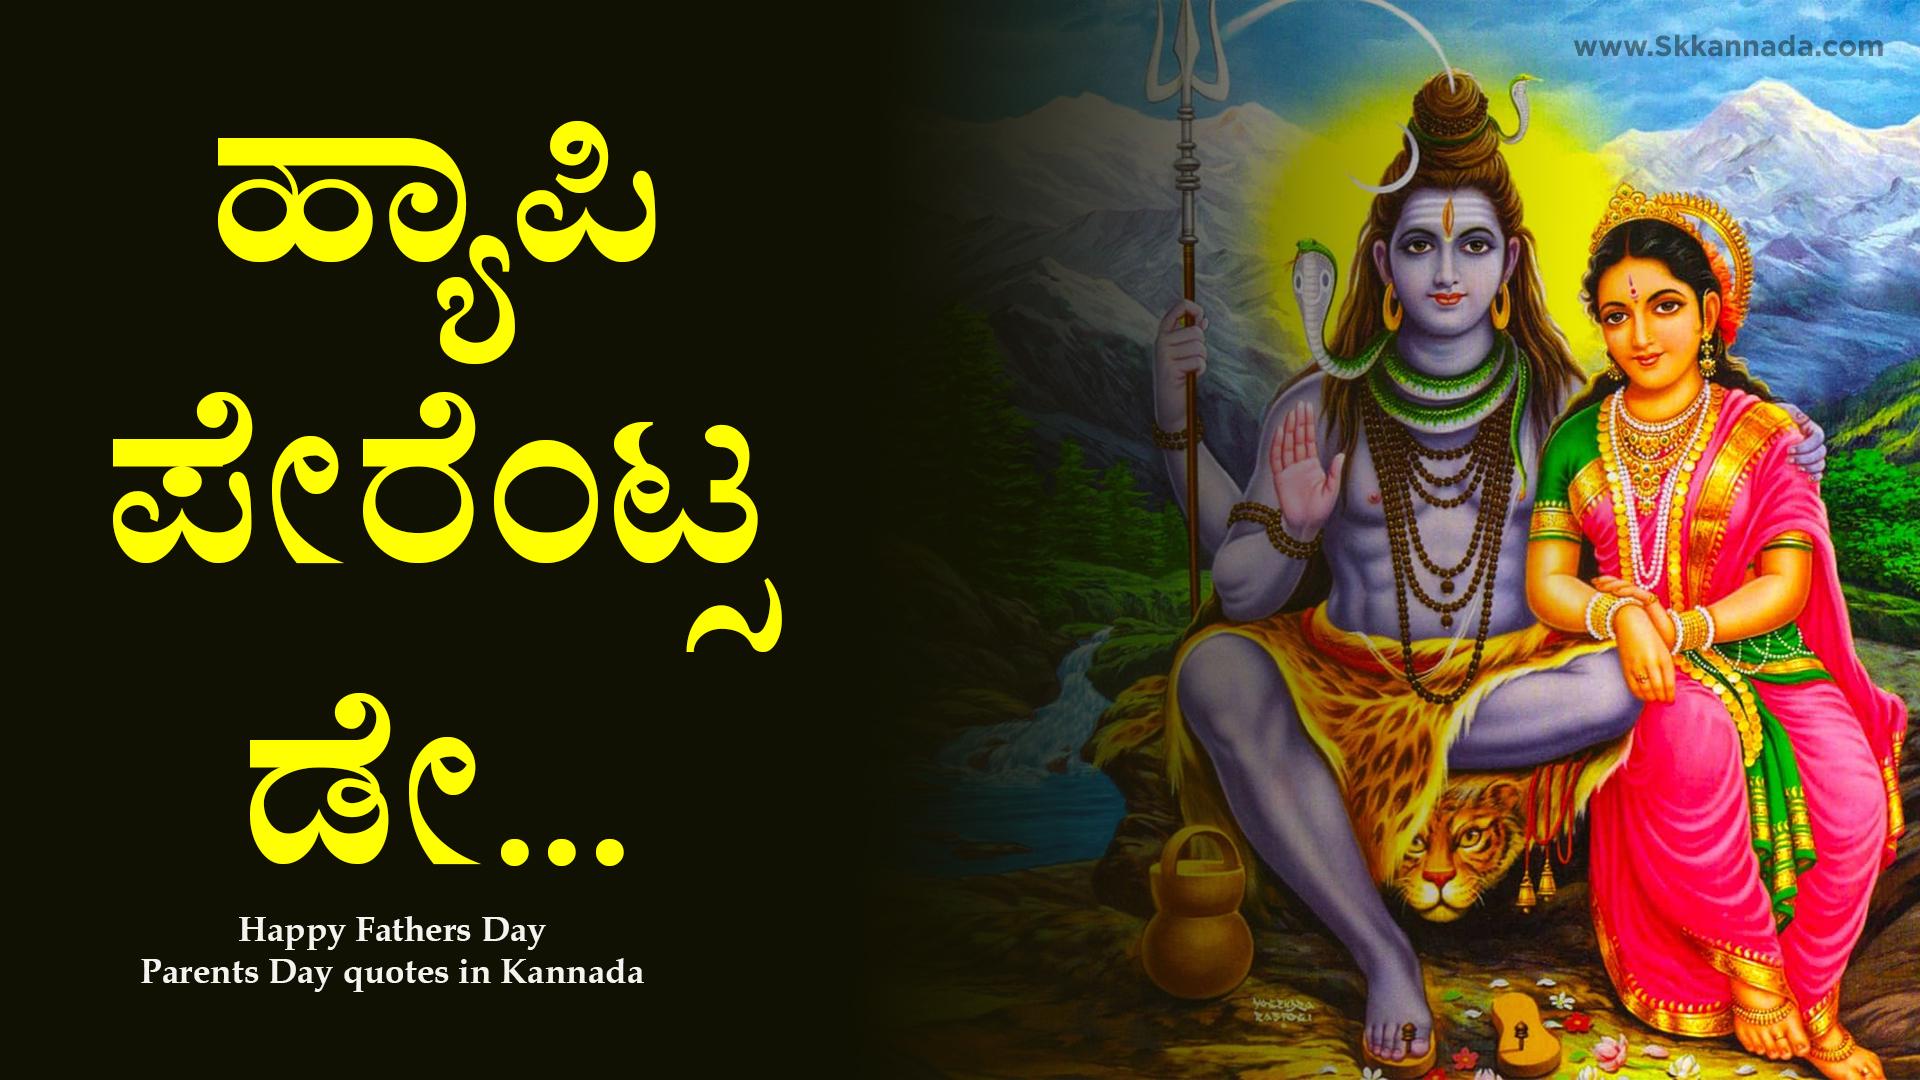 ಹ್ಯಾಪಿ ಪೇರೆಂಟ್ಸ ಡೇ... Happy Fathers Day - Parents Day quotes in Kannada